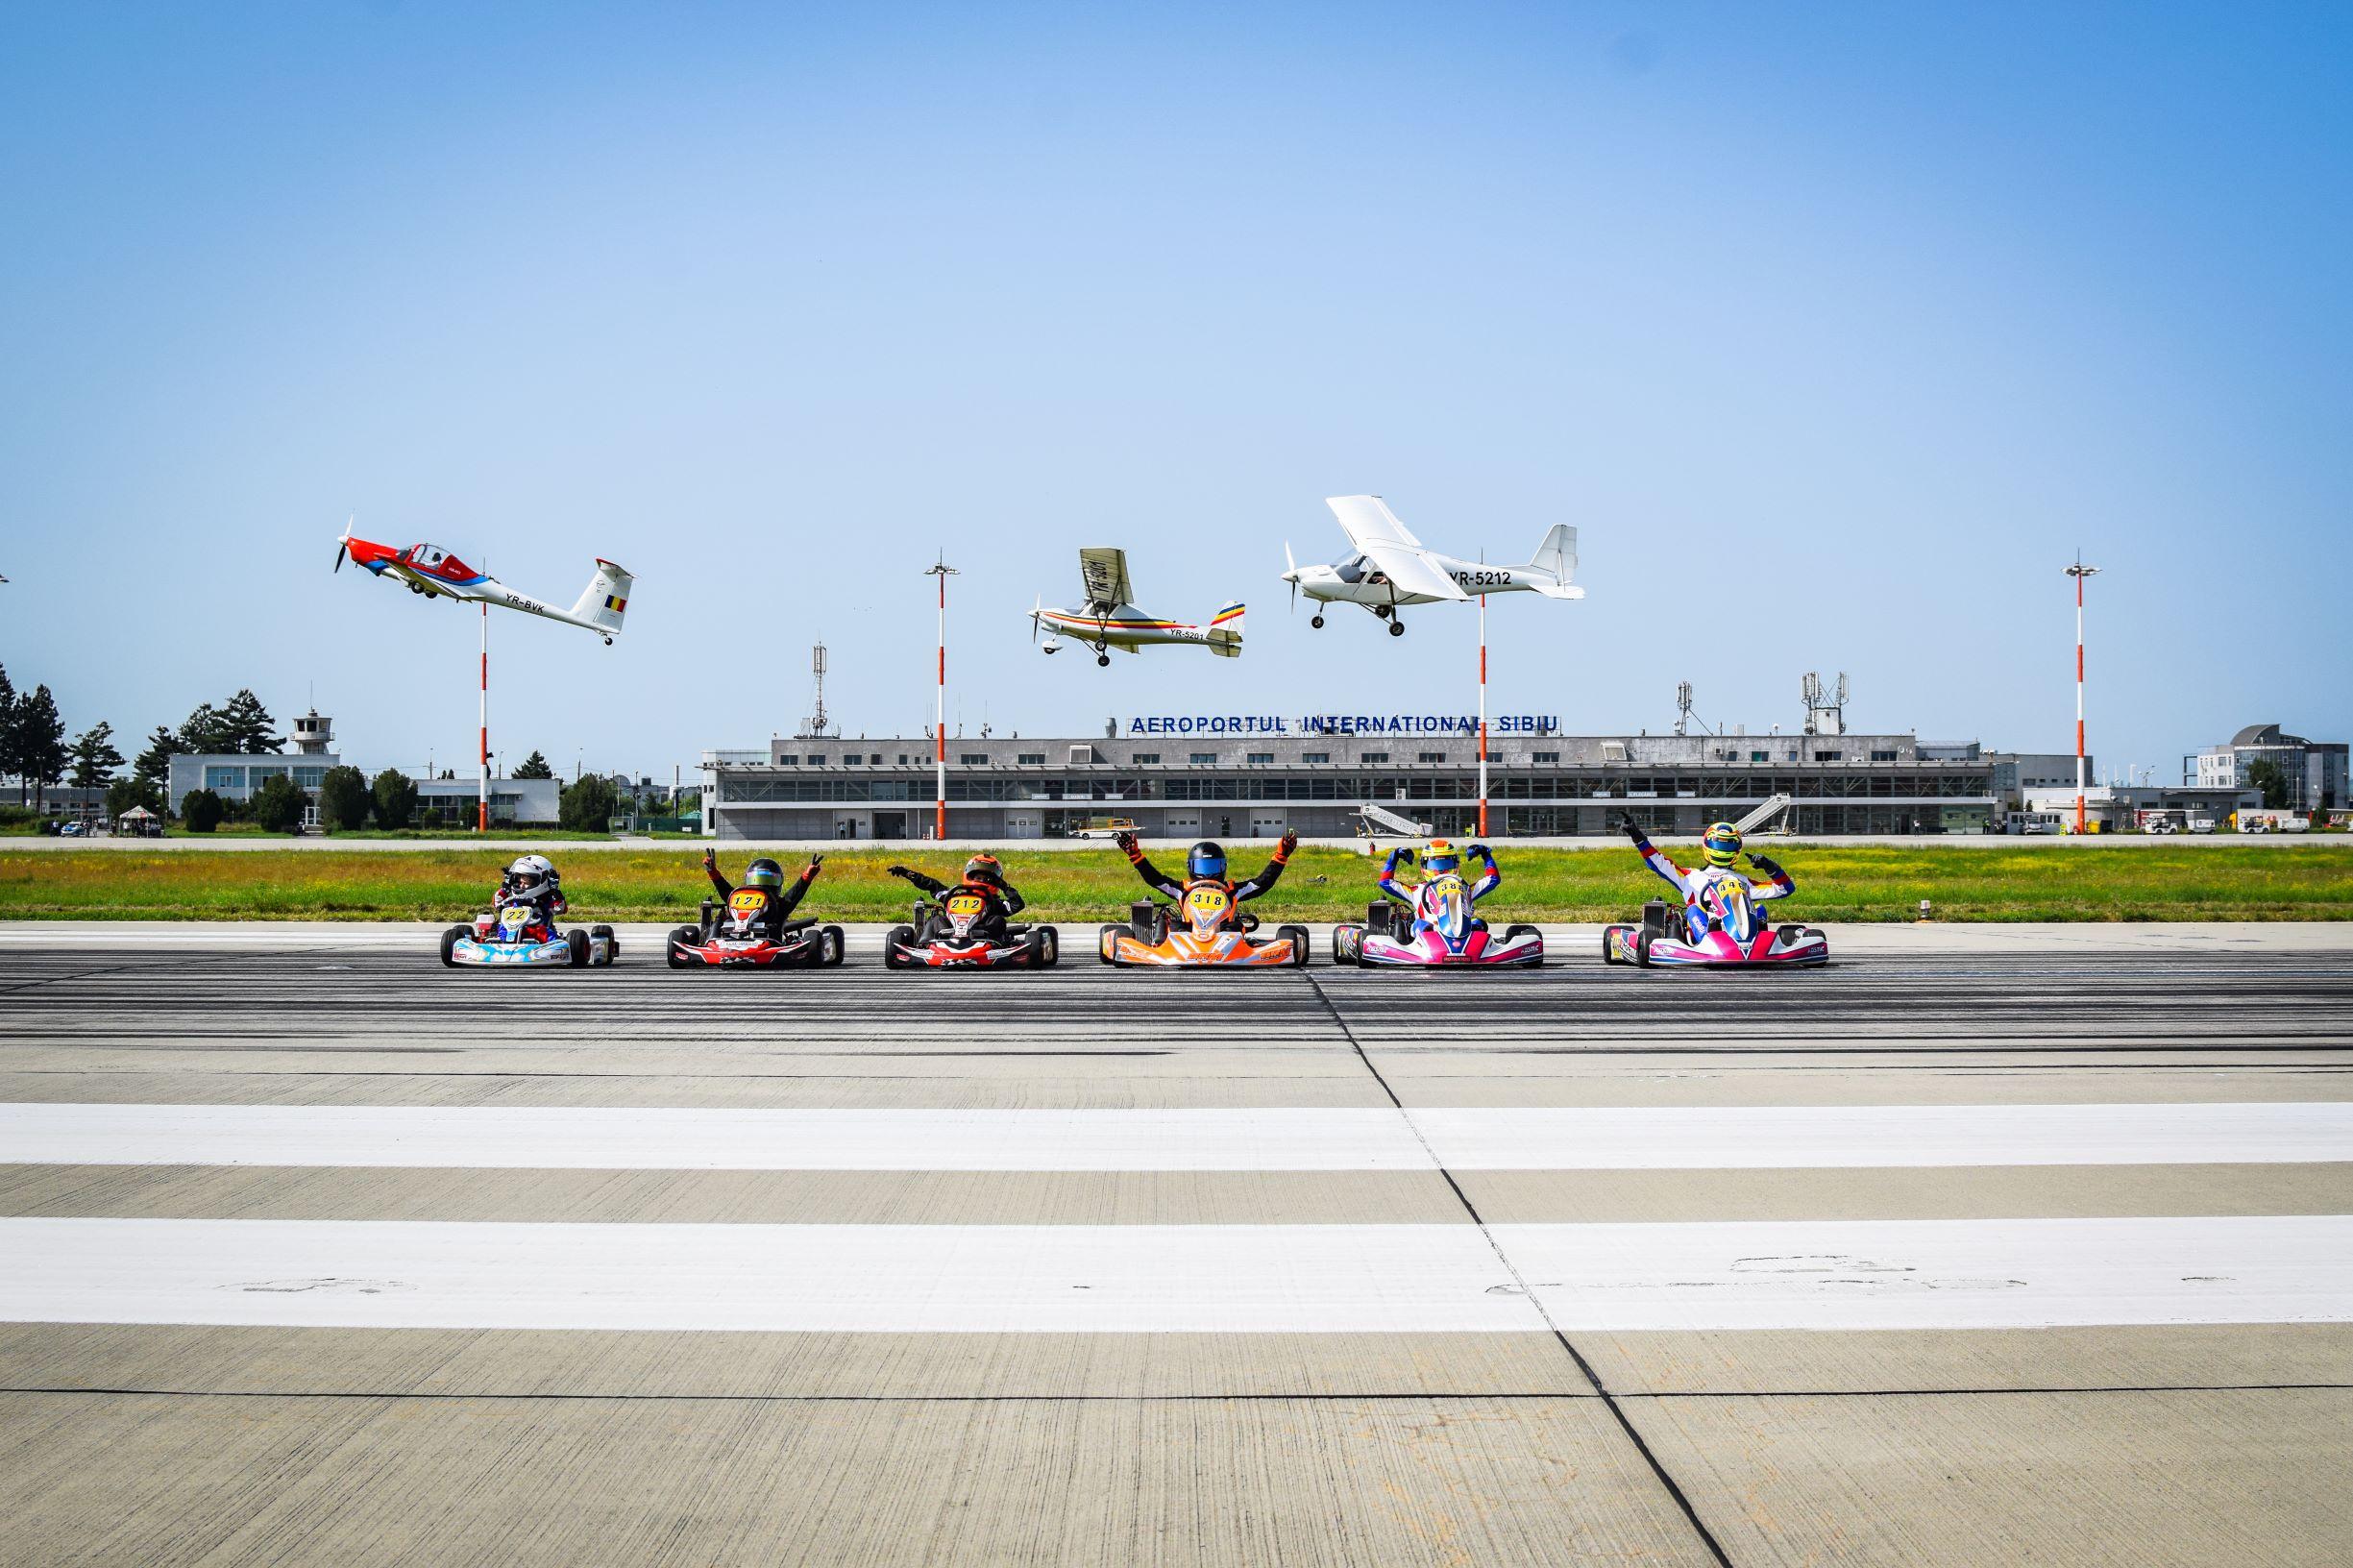 Imagini inedite pe Aeroportul Sibiu: ne-am dorit să aducem în atenția autorităților importanța construirii unui Circuit de karting